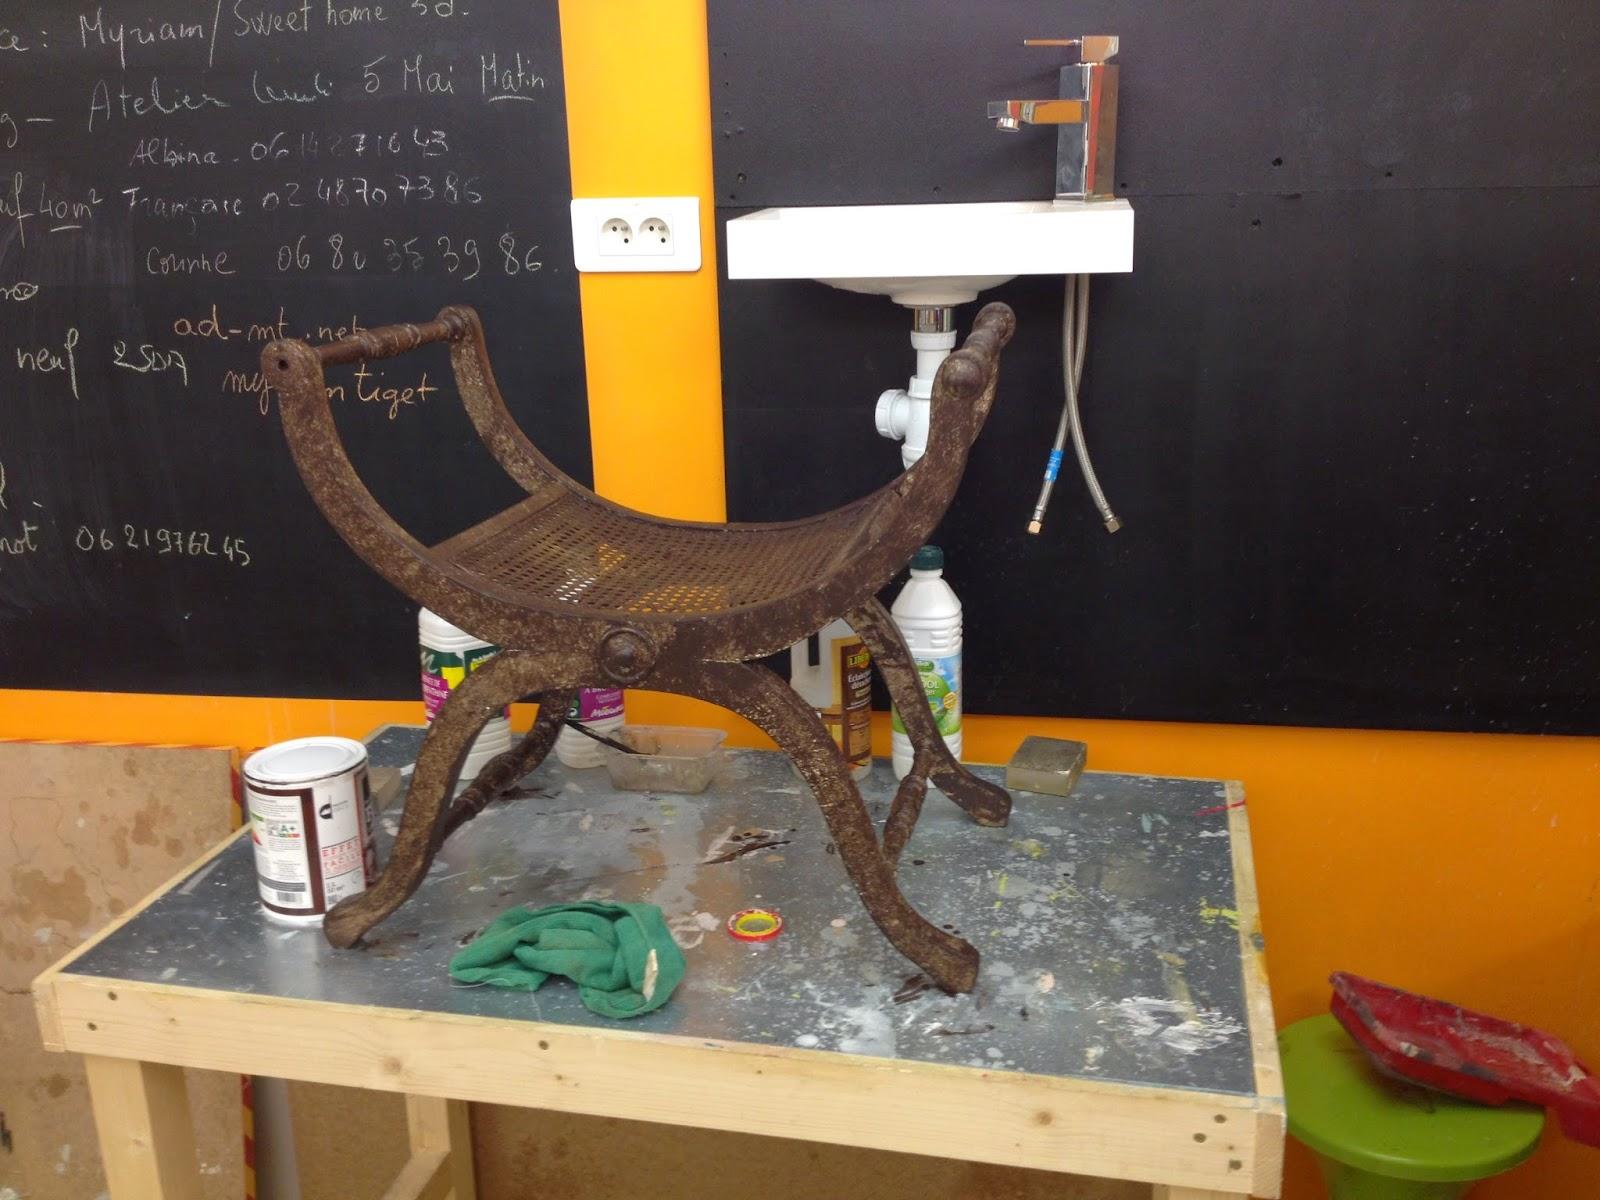 Peinture sur meuble finition effet rouille et patine or - Peinture effet rouille ...